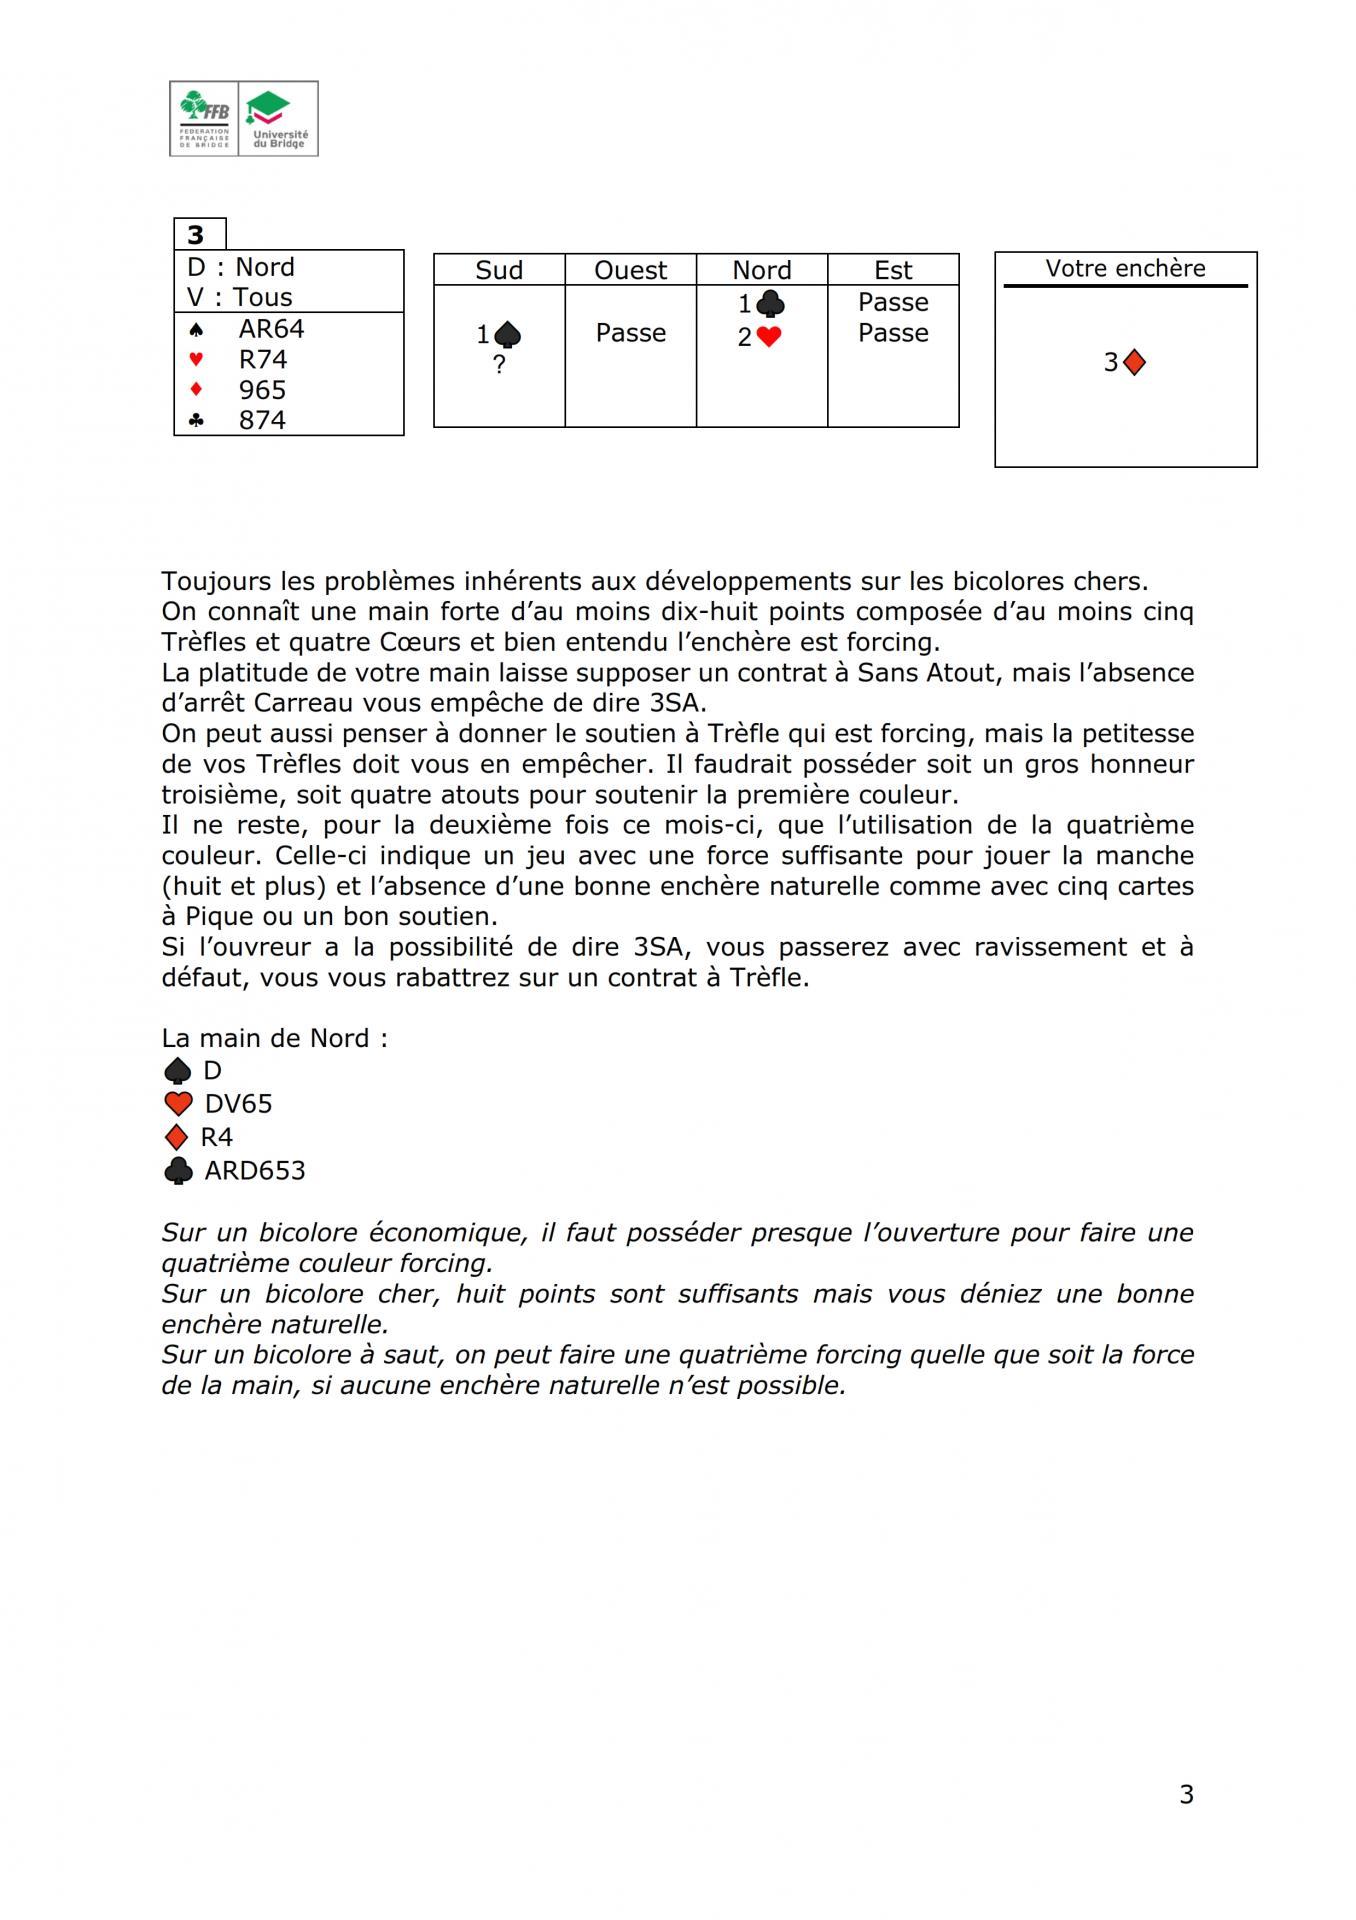 Formation continue des moniteurs solutions decembre2019 003